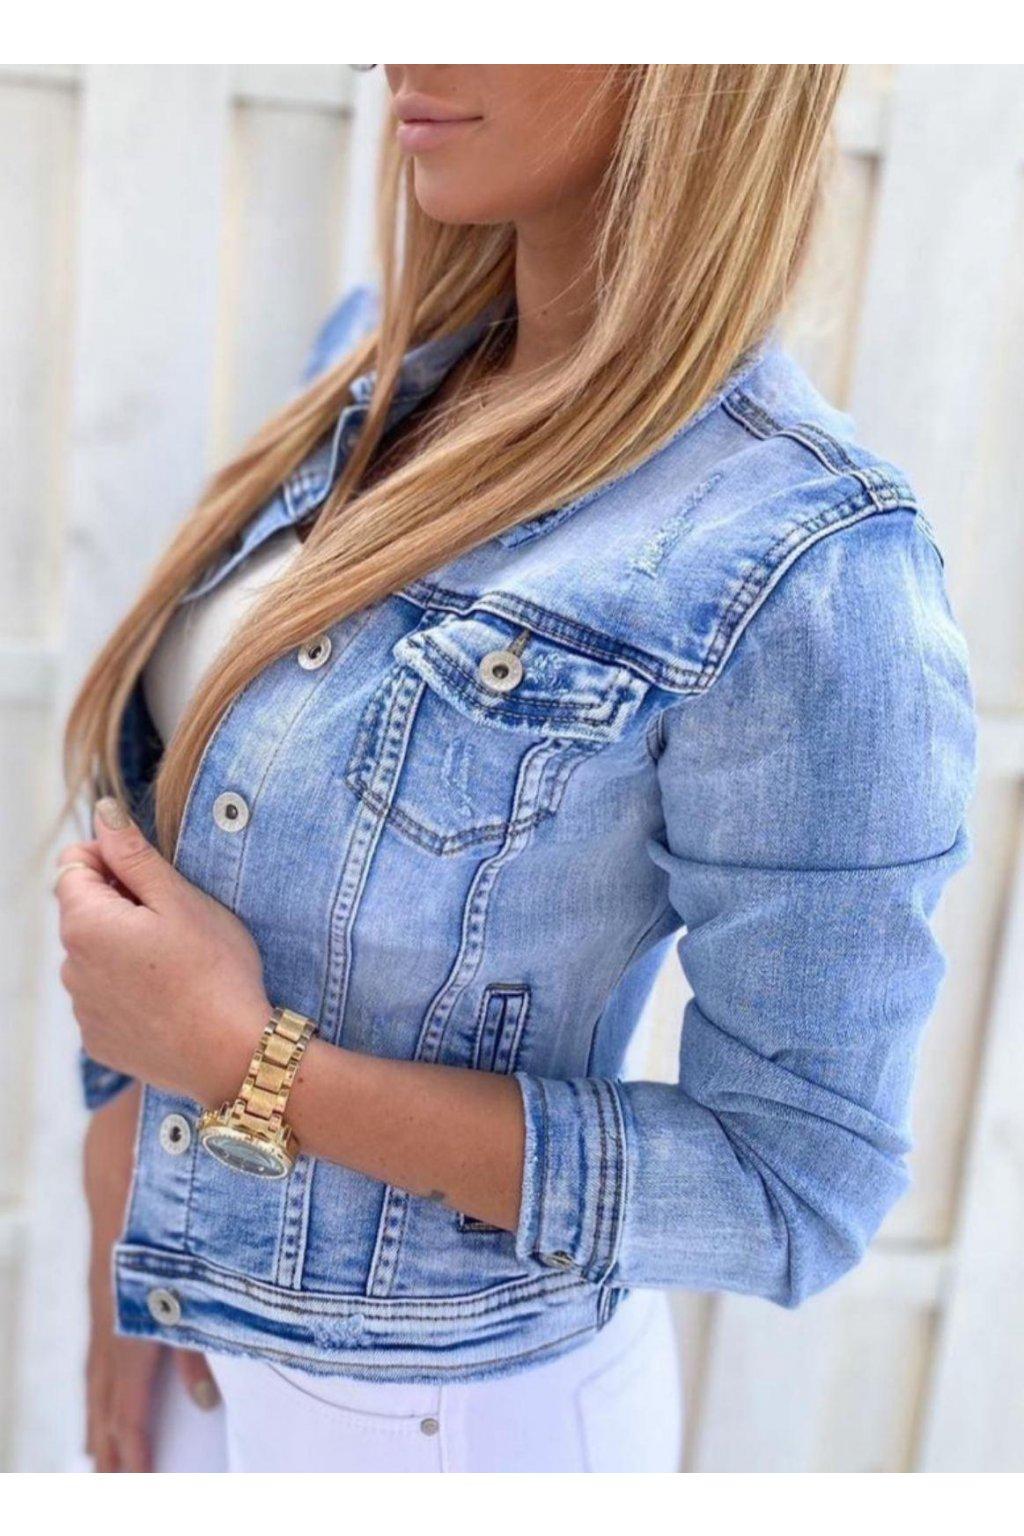 dámská jeans bunda světle modrá trendy s límcem